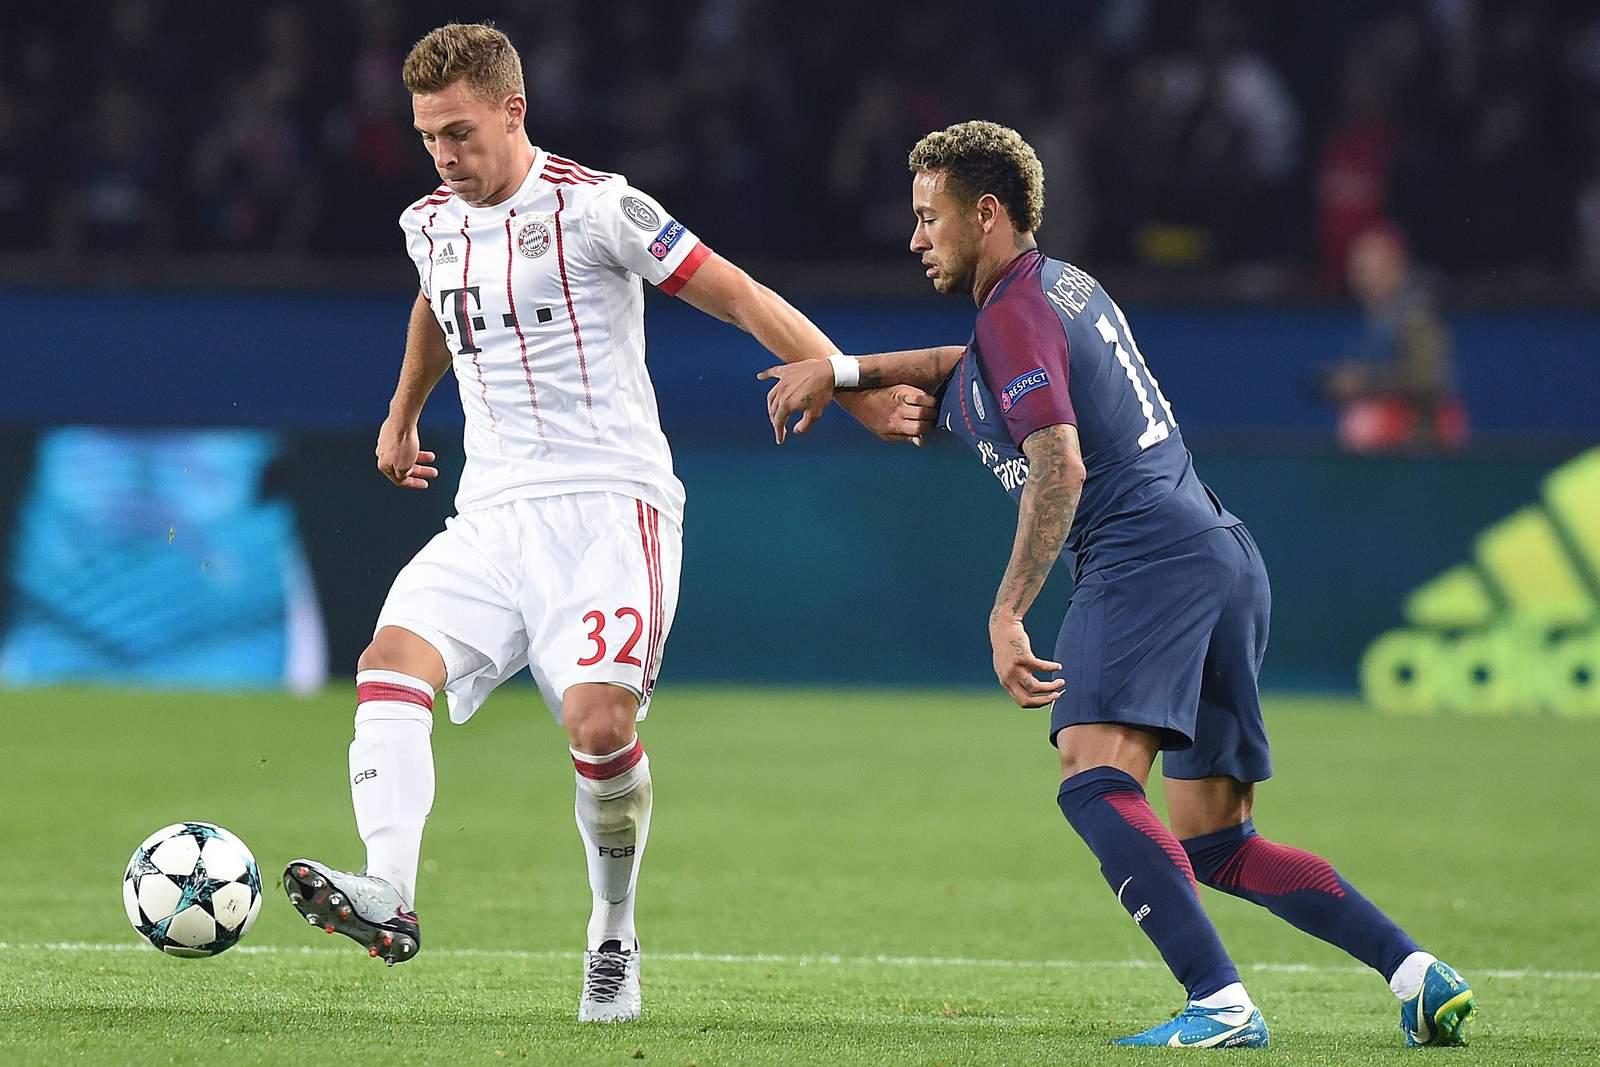 Setzt sich Kimmich gegen Neymar durch? Unser Tipp: Bayern gewinnt gegen PSG